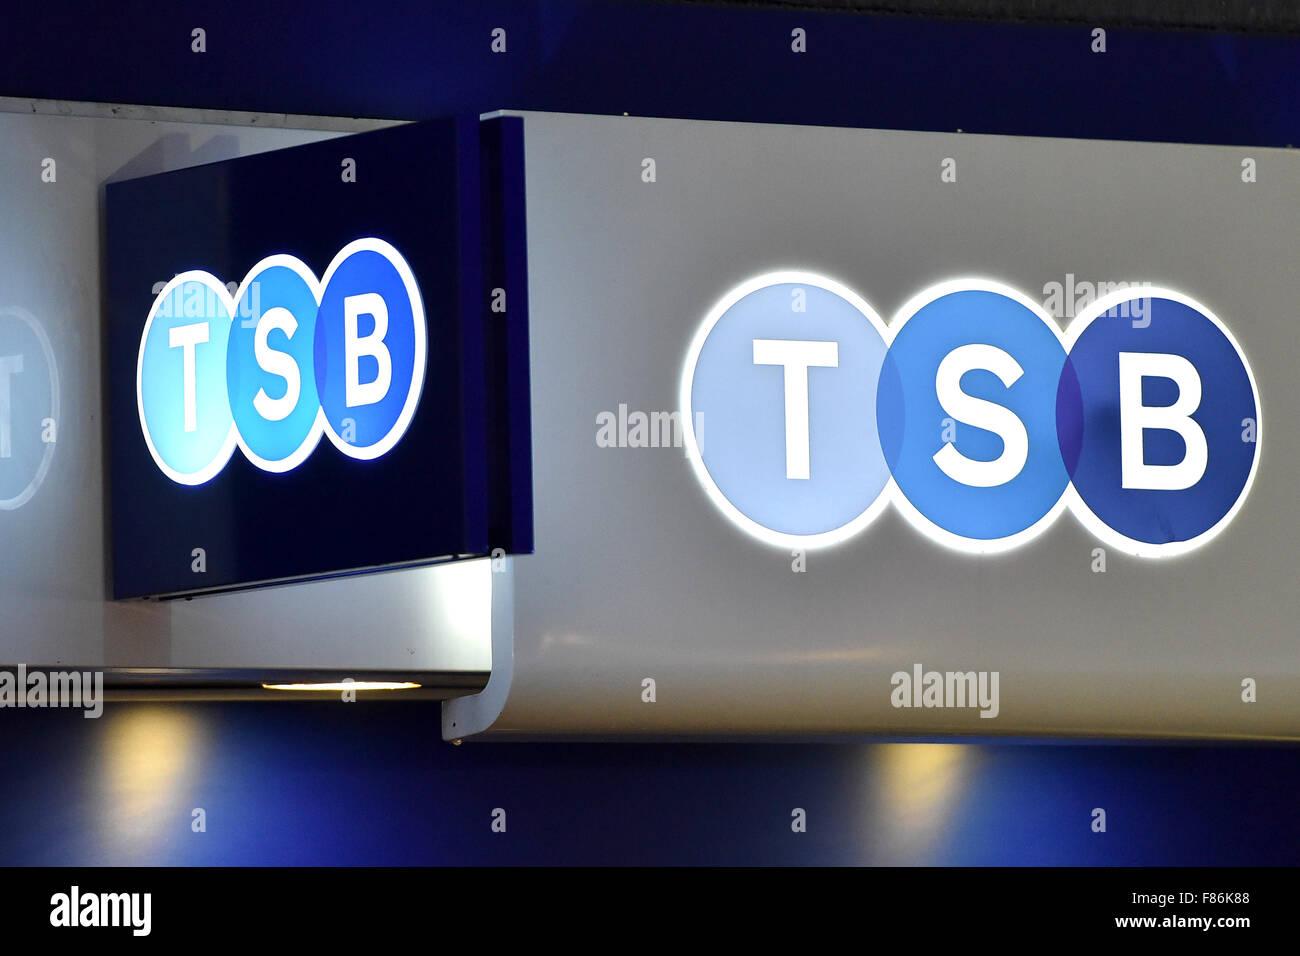 tsb bank high street retail banking - Stock Image